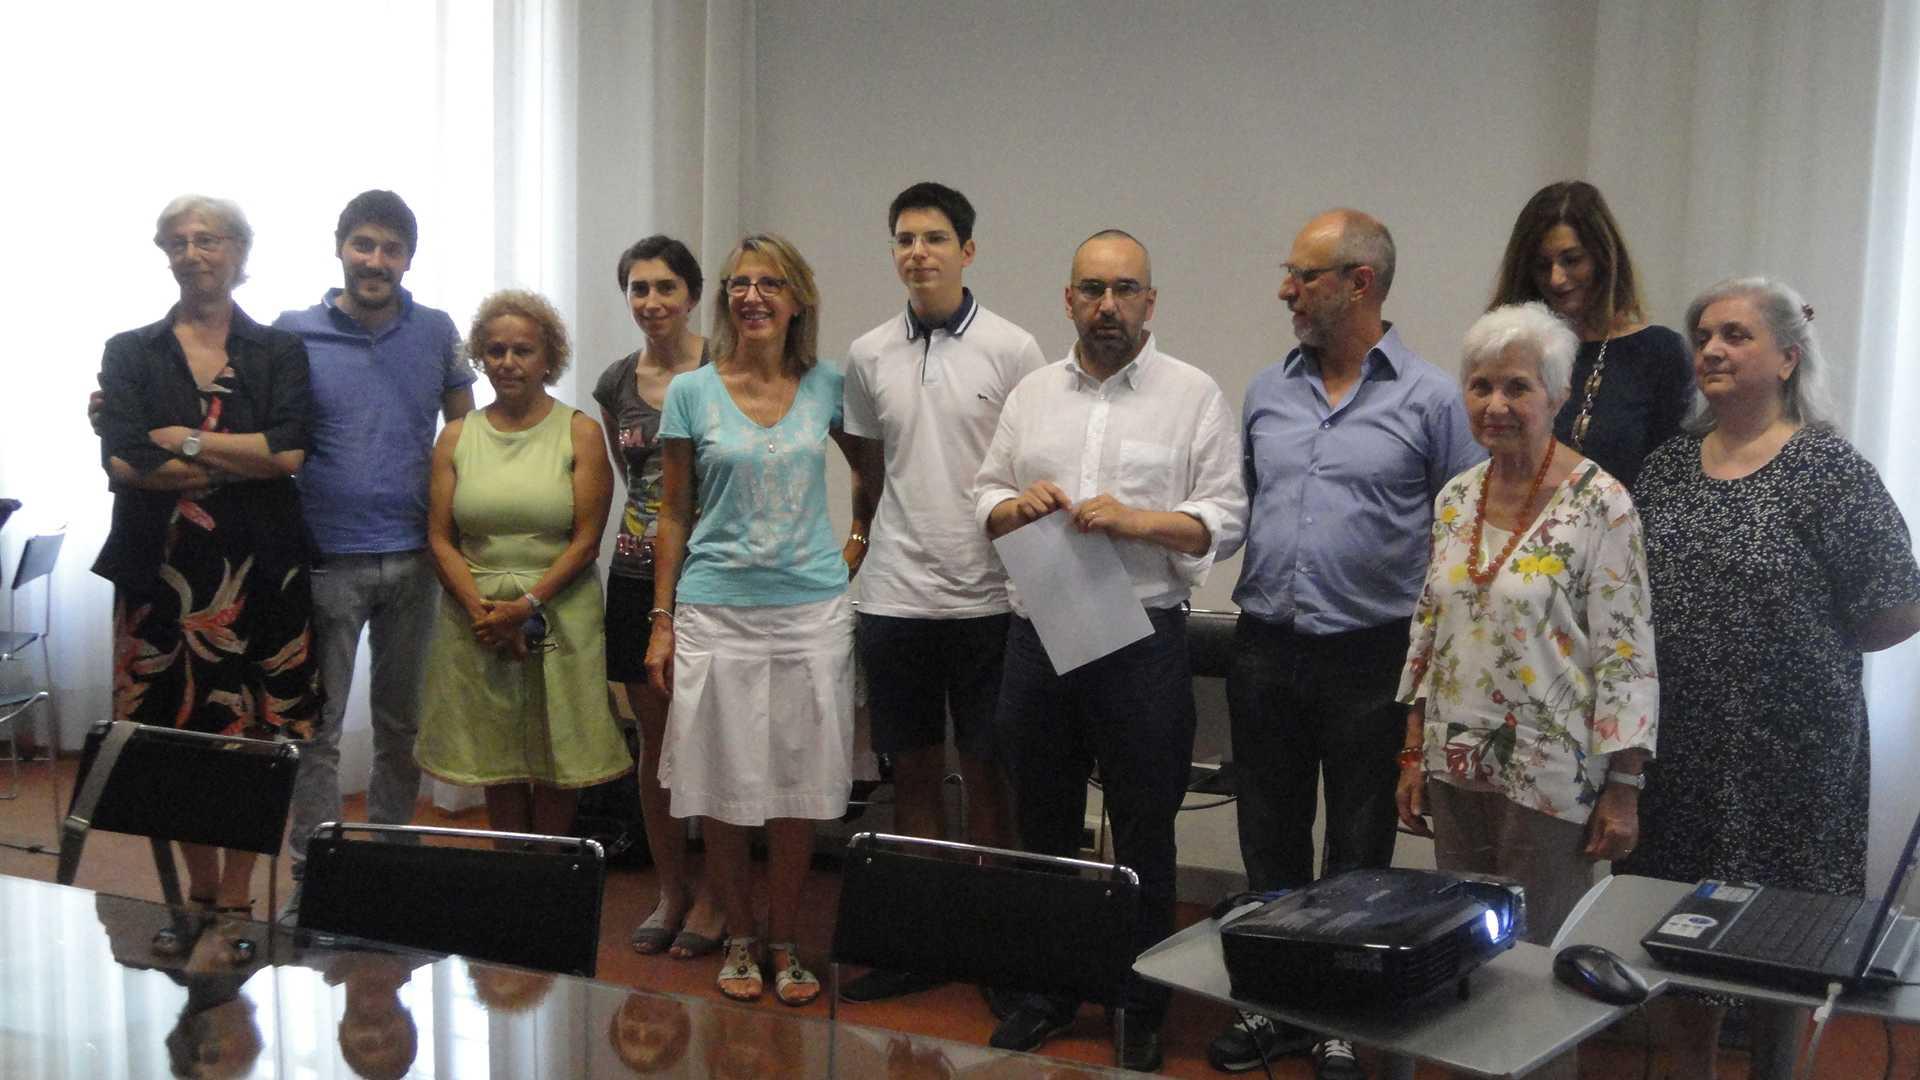 Foto conferenza stampa 21 luglio 2016